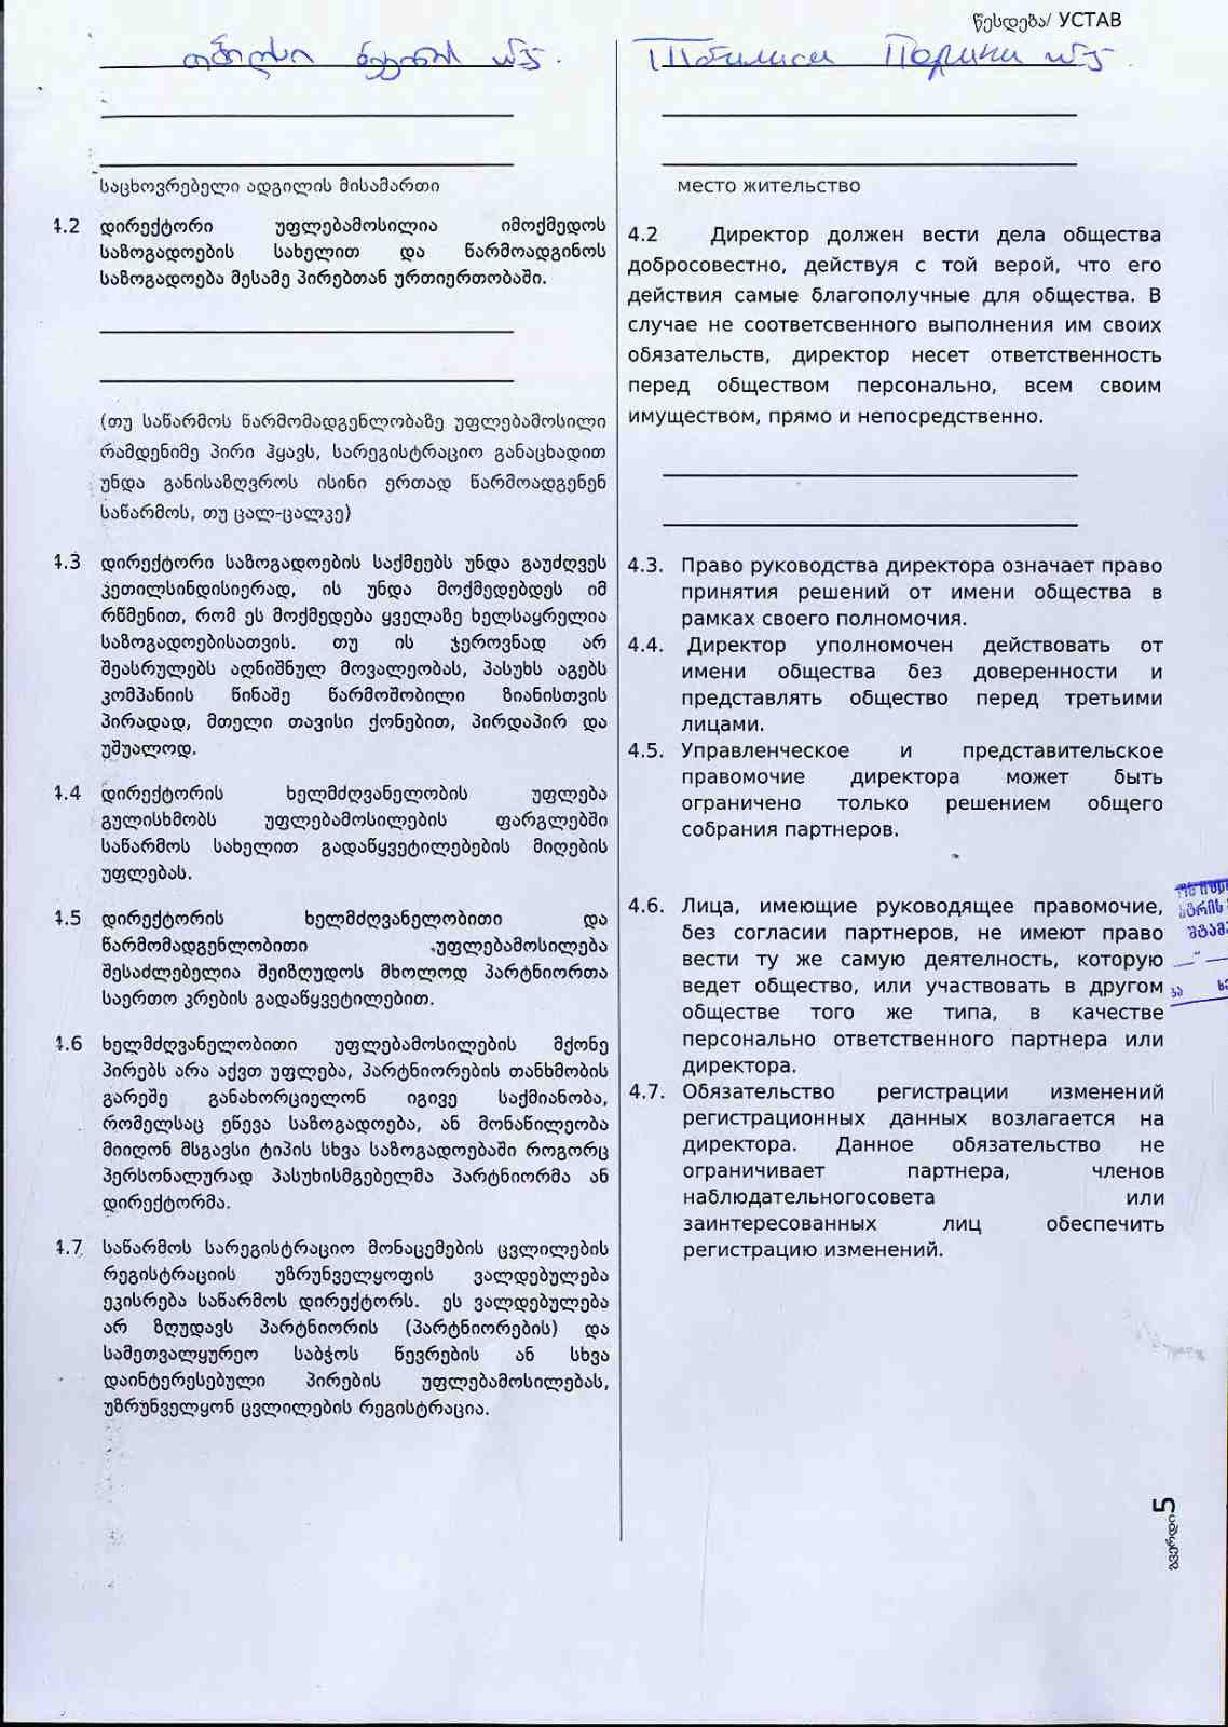 Оффшор для IT-бизнеса в Грузии: лайфхаки и подводные камни - 6